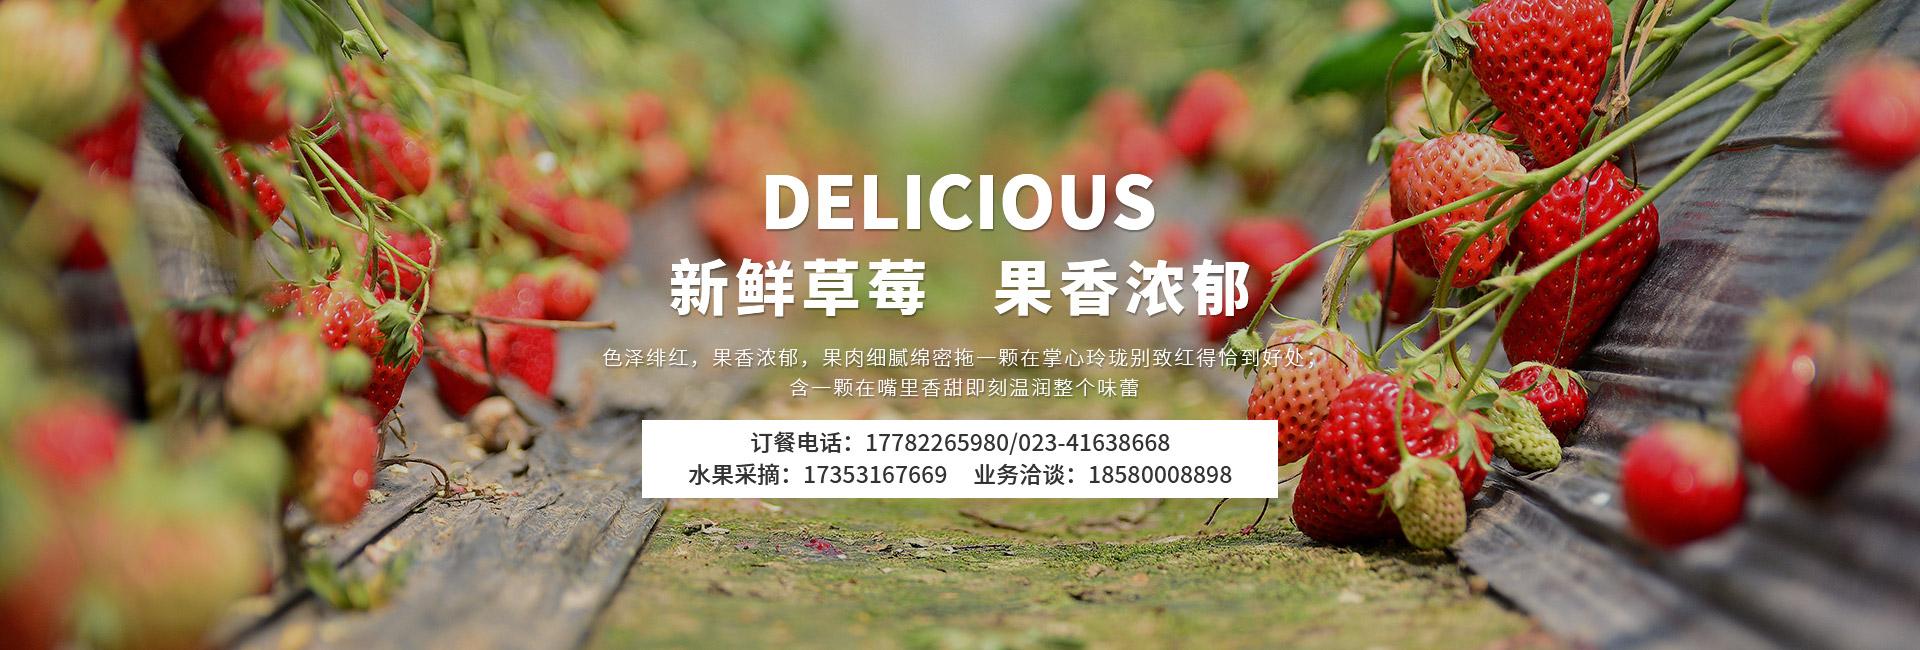 重庆草莓采摘园